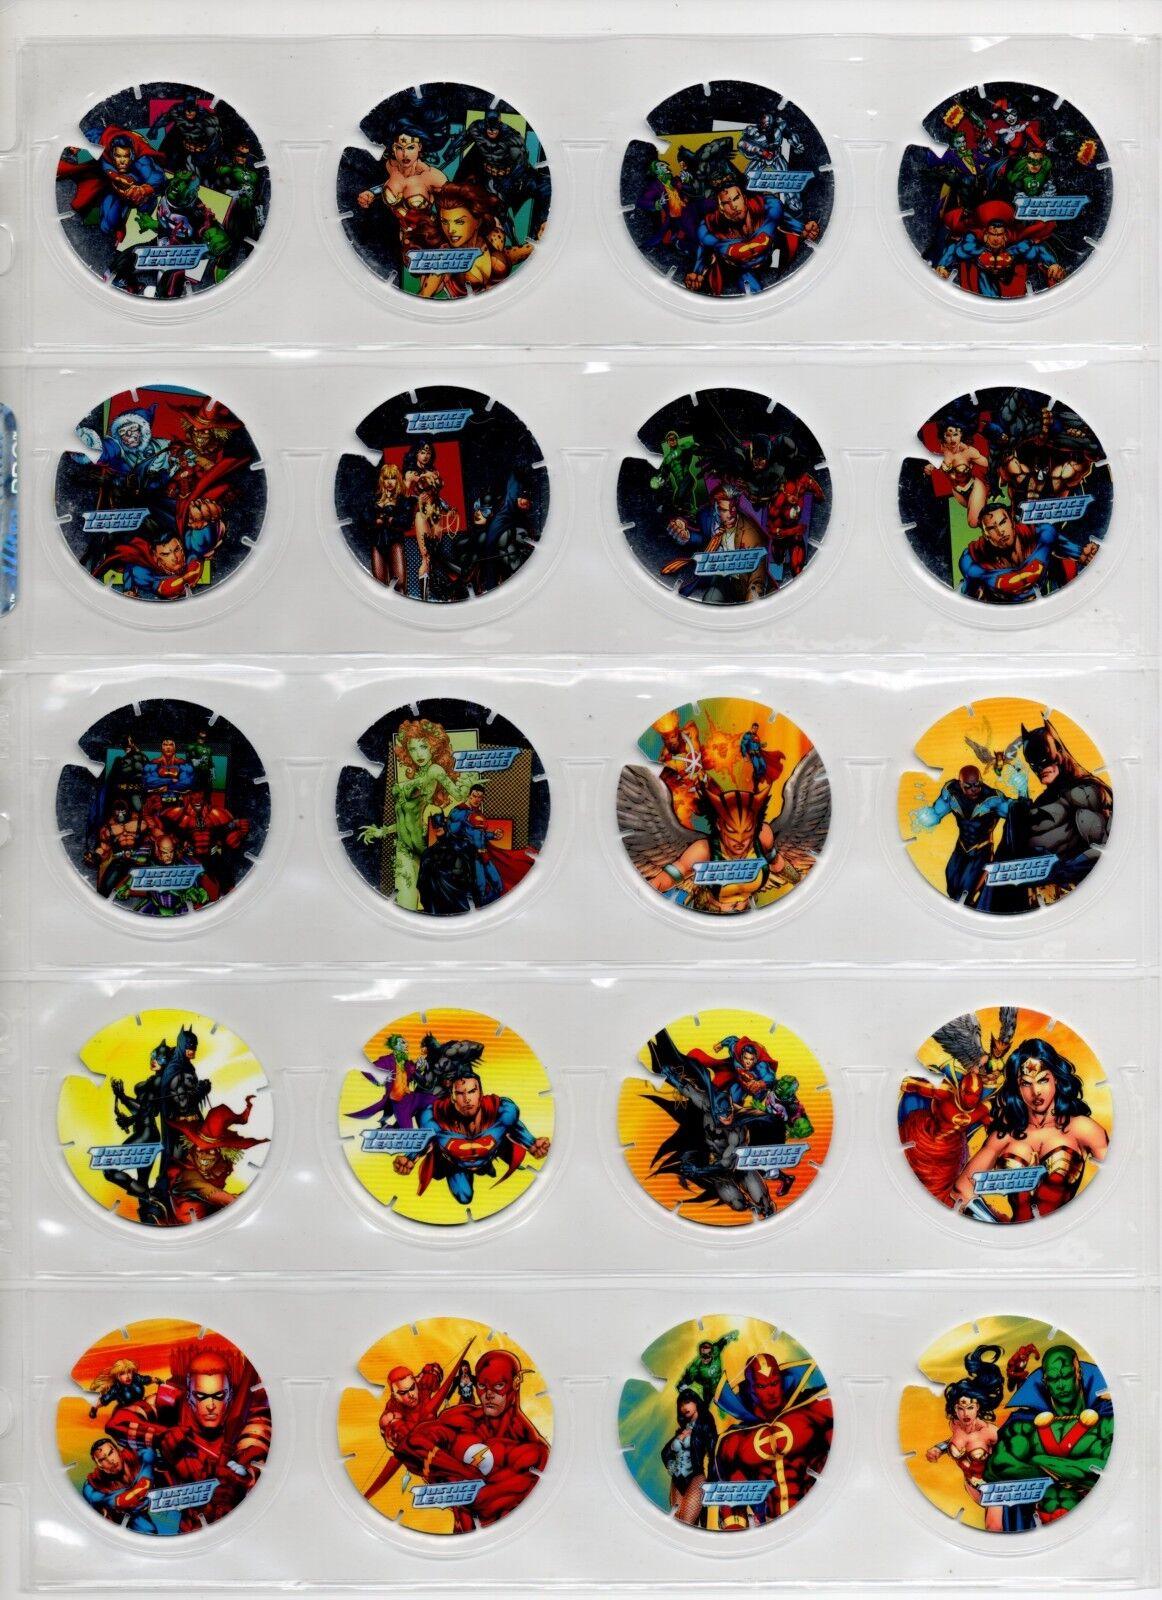 Justice League Toys Set Superman Batman Flash collection complète 100 tazos Pogs